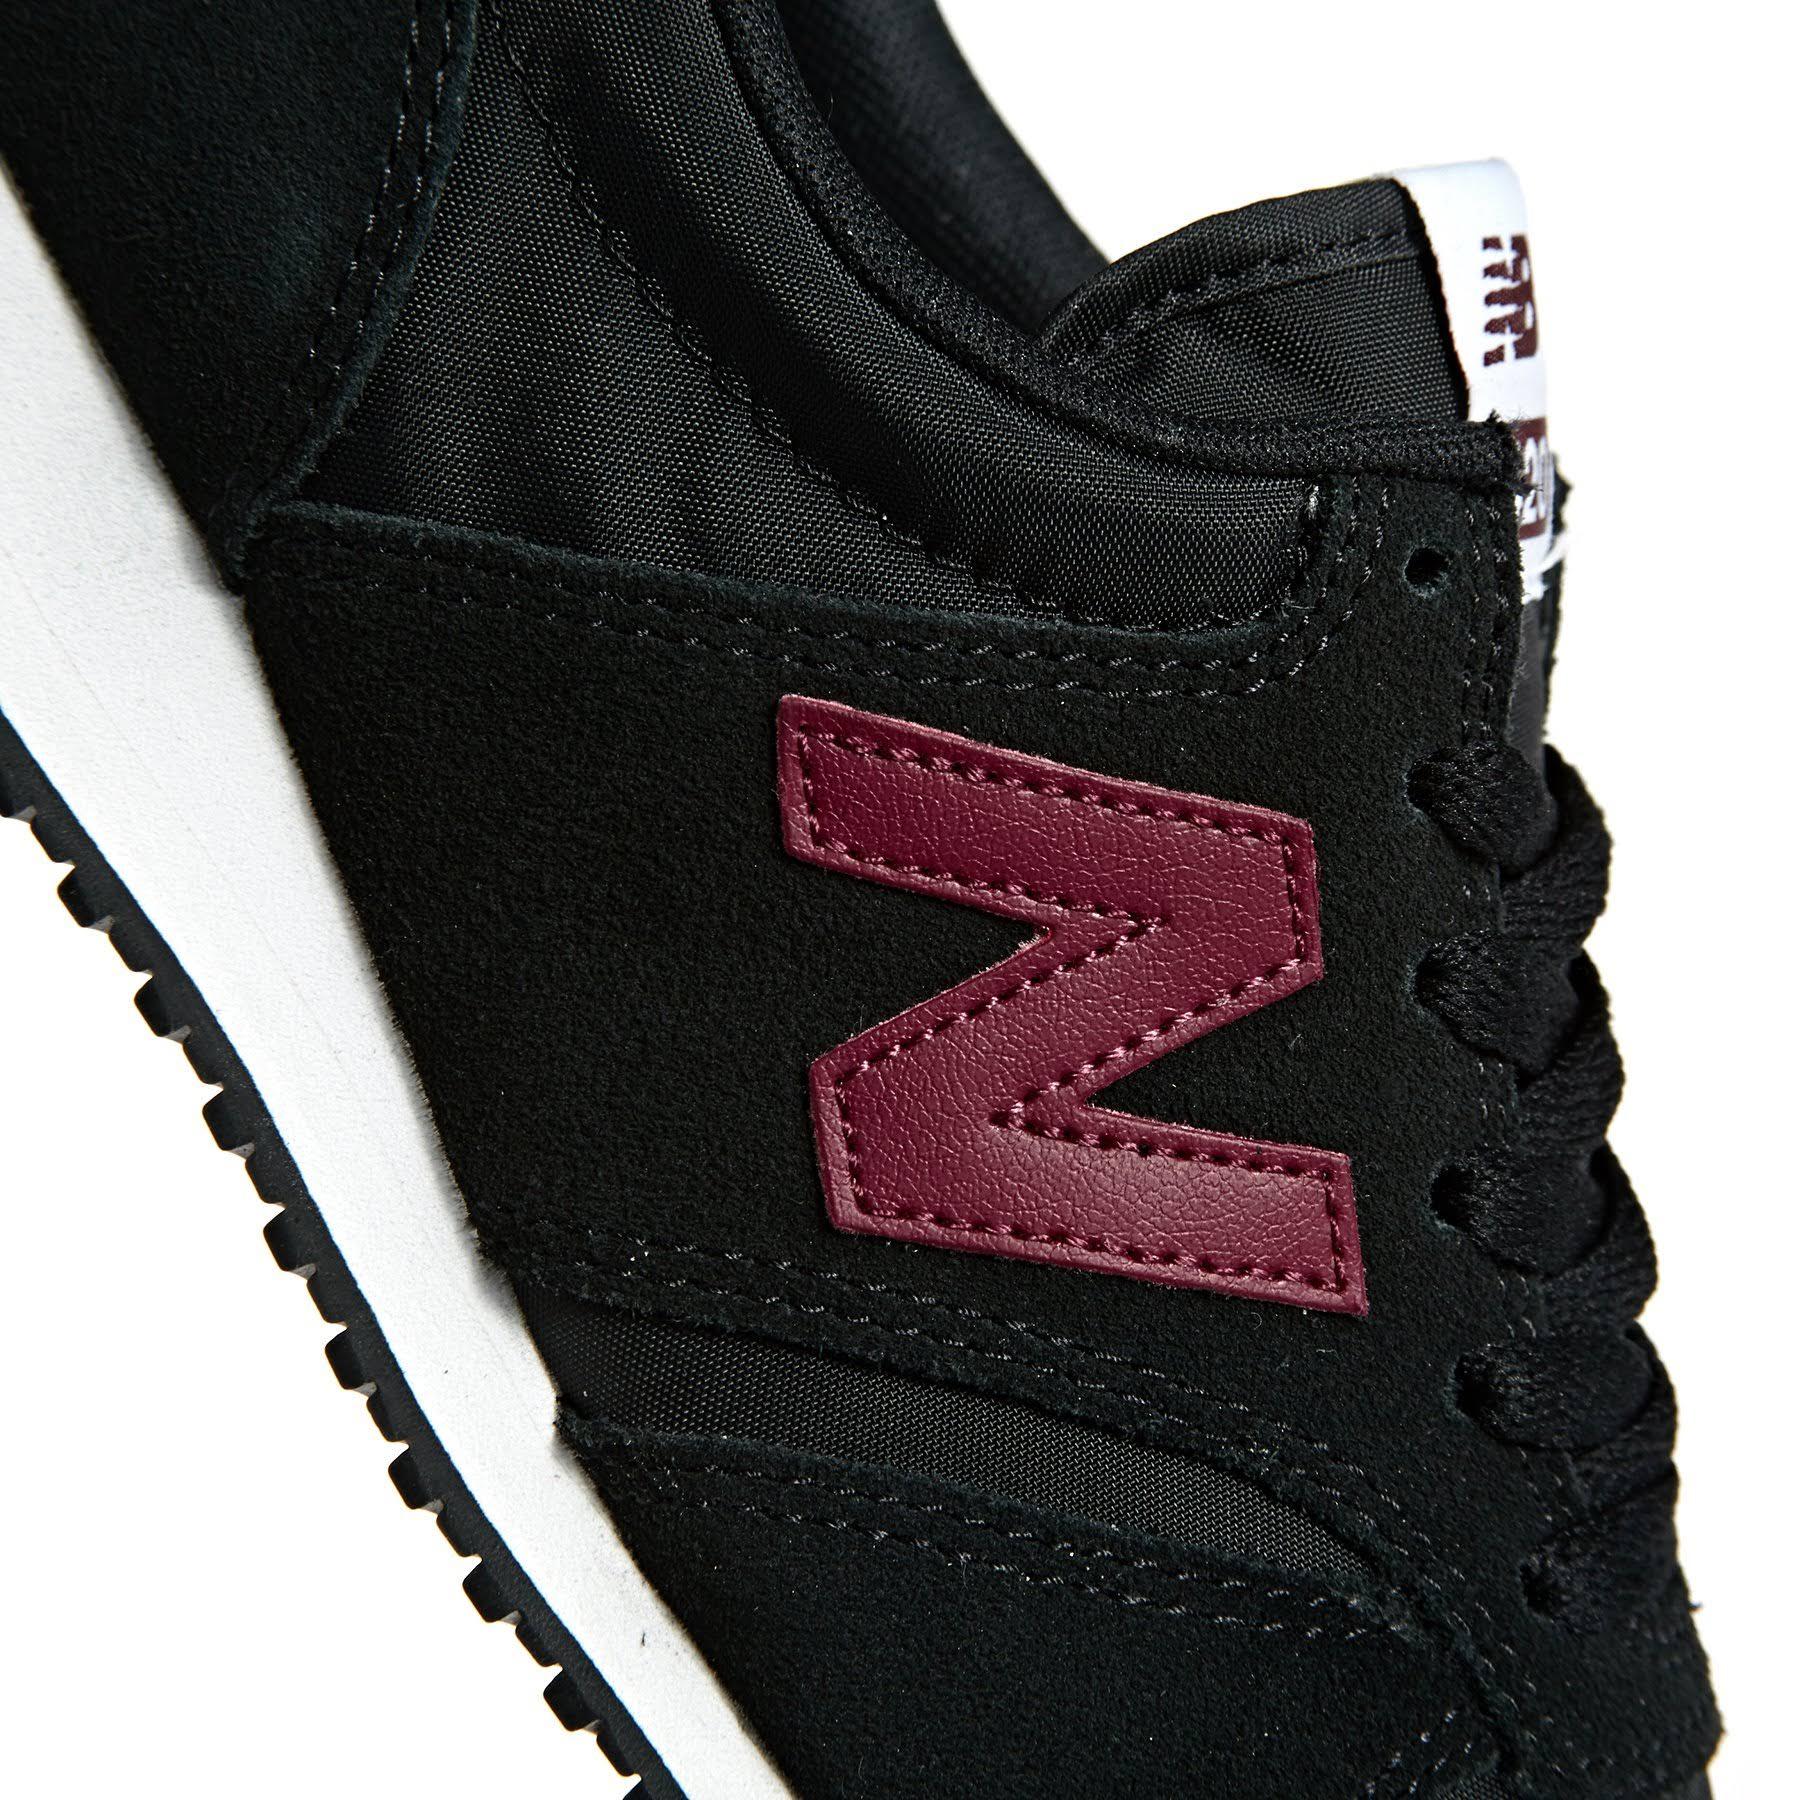 Sneakers 40 5 Schwarzer Balance g s a Authentic New o Herren Burgund M Designer Fashion qEO447P